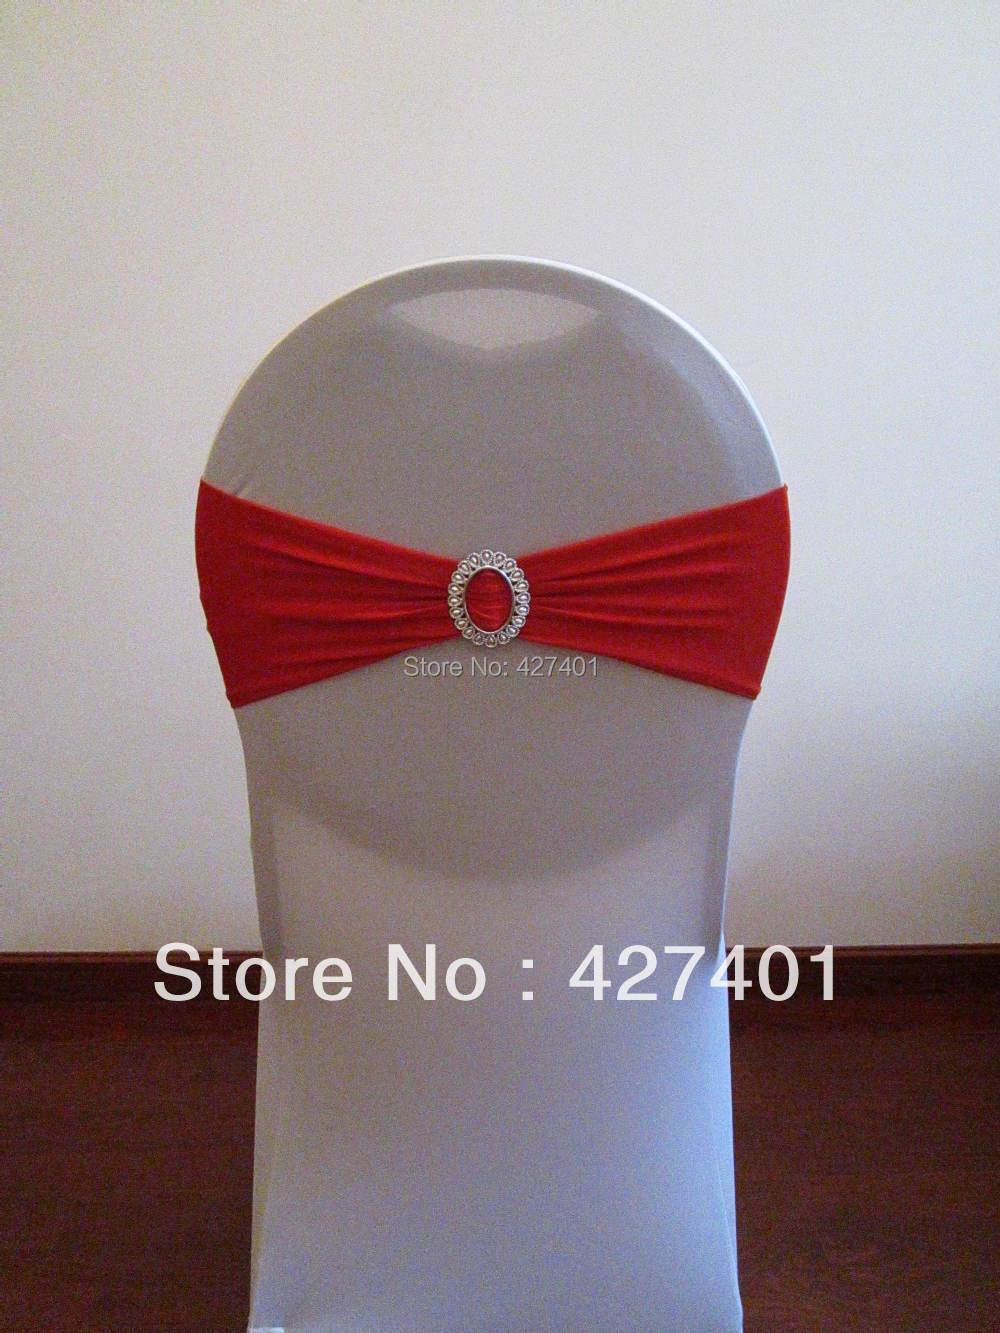 Здесь можно купить  Red Lycra Band With Oval Buckle for Wedding Decoration  Дом и Сад